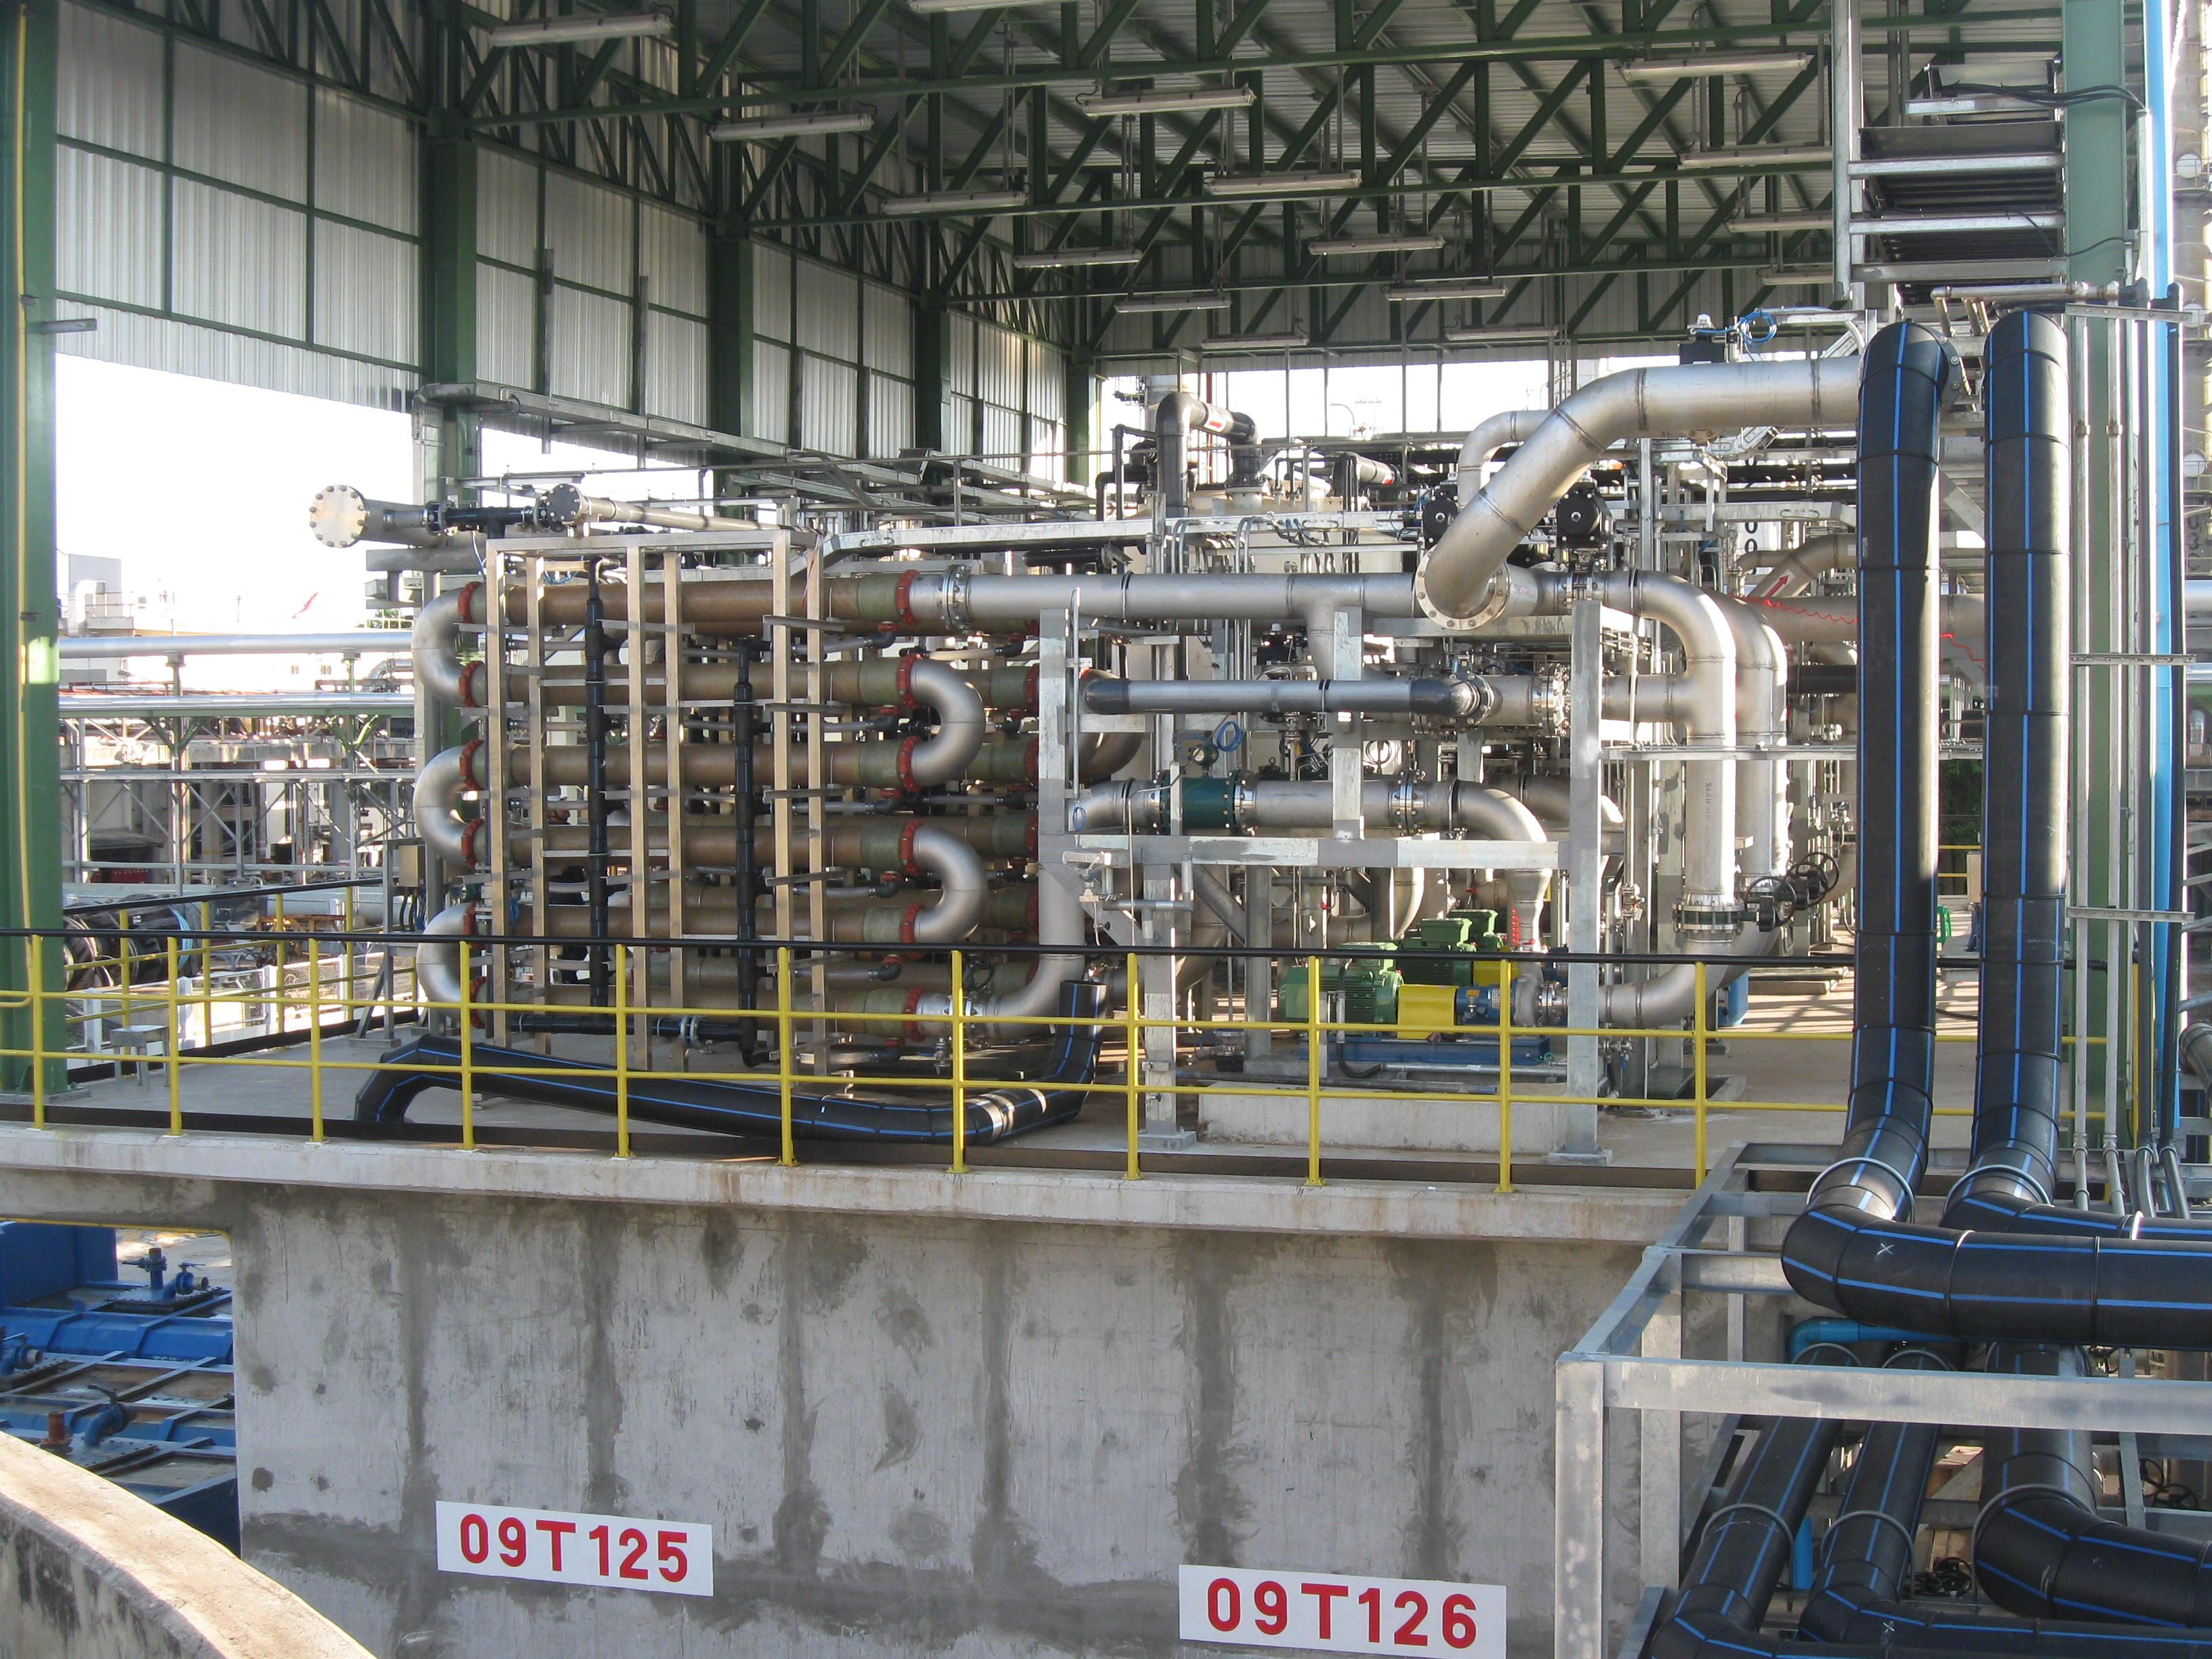 Prozesswasserversorgung, Prozesswasseraufbereitung, Prozesswasserbehandlung  - WEHRLE Technologie